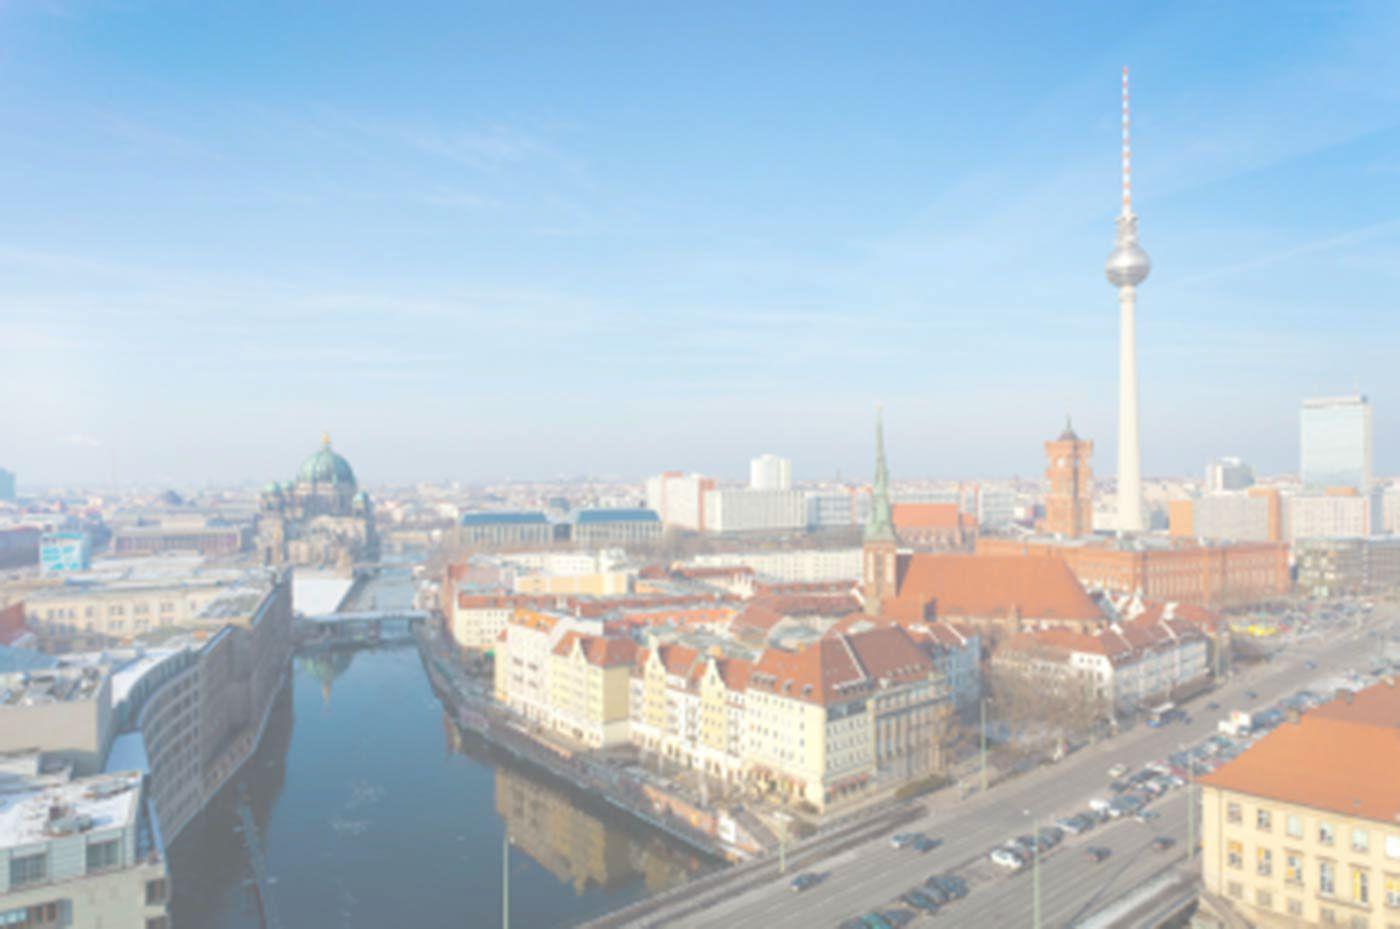 Berlin.com